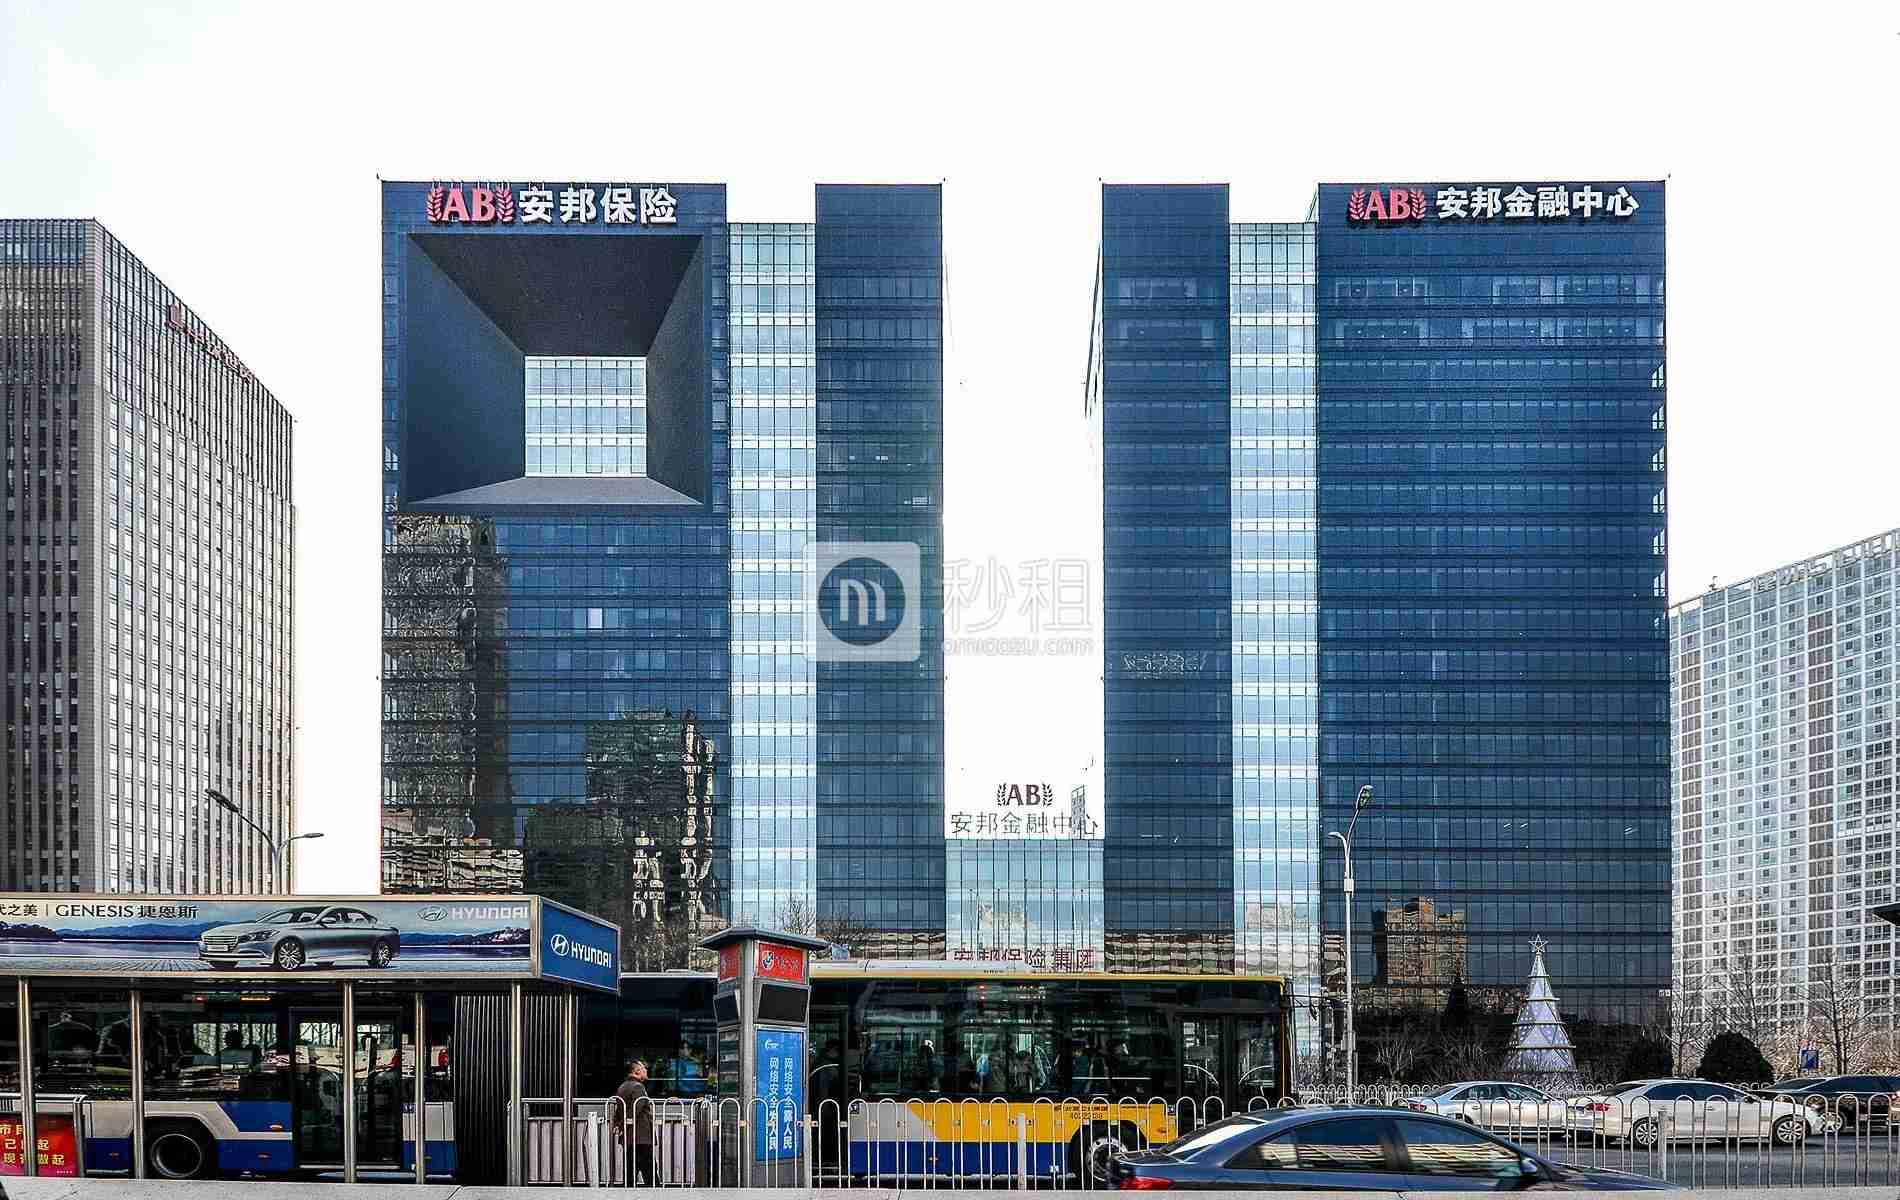 安邦金融中心写字楼出租/招租/租赁,安邦金融中心办公室出租/招租/租赁